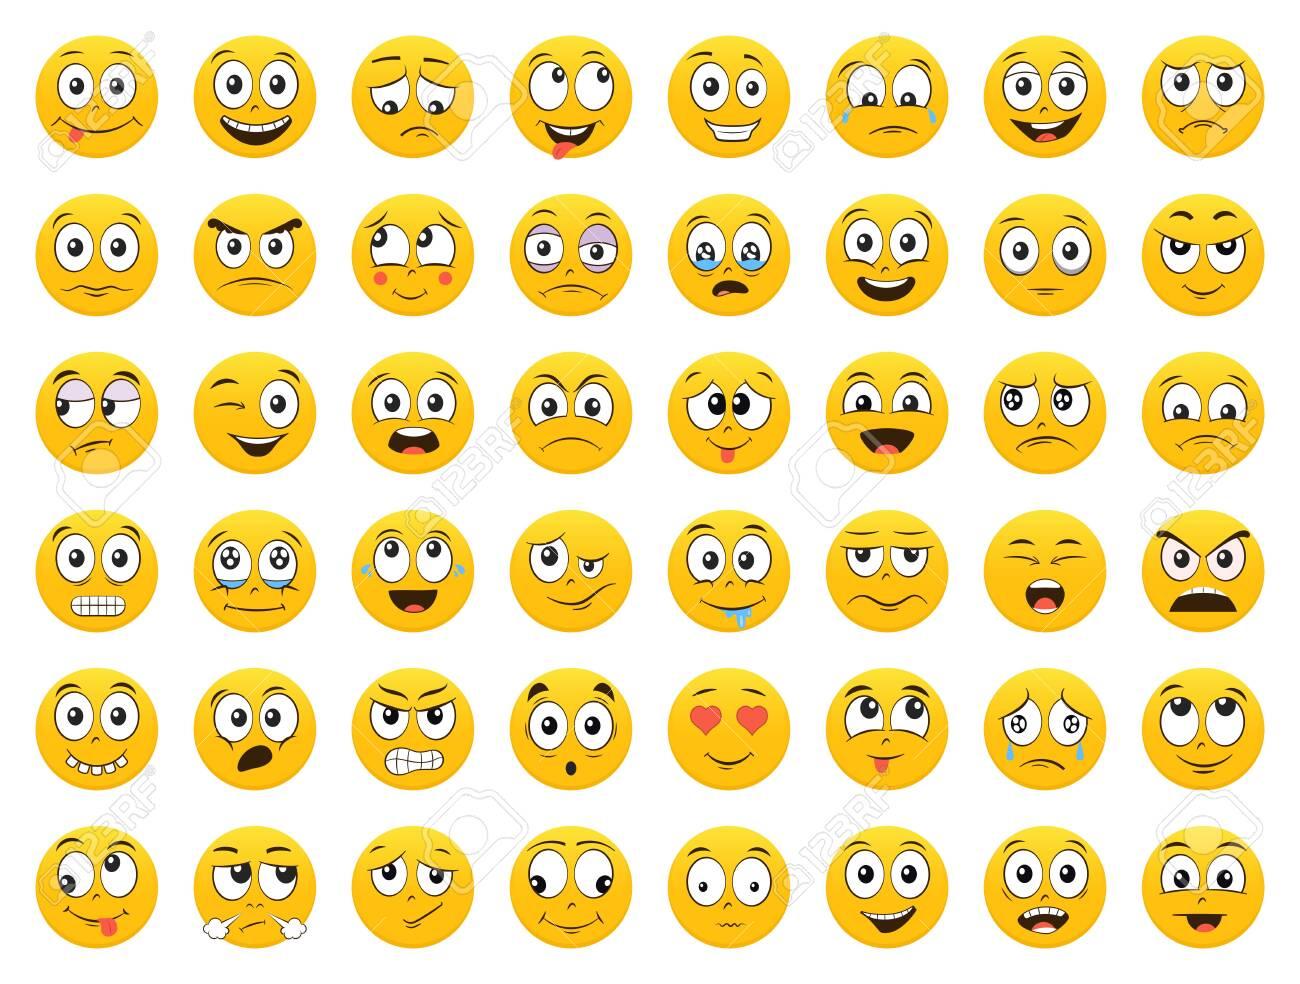 Set of Emoticons. Emoji. Smile icons. Isolated vector illustration on white background - 143247745